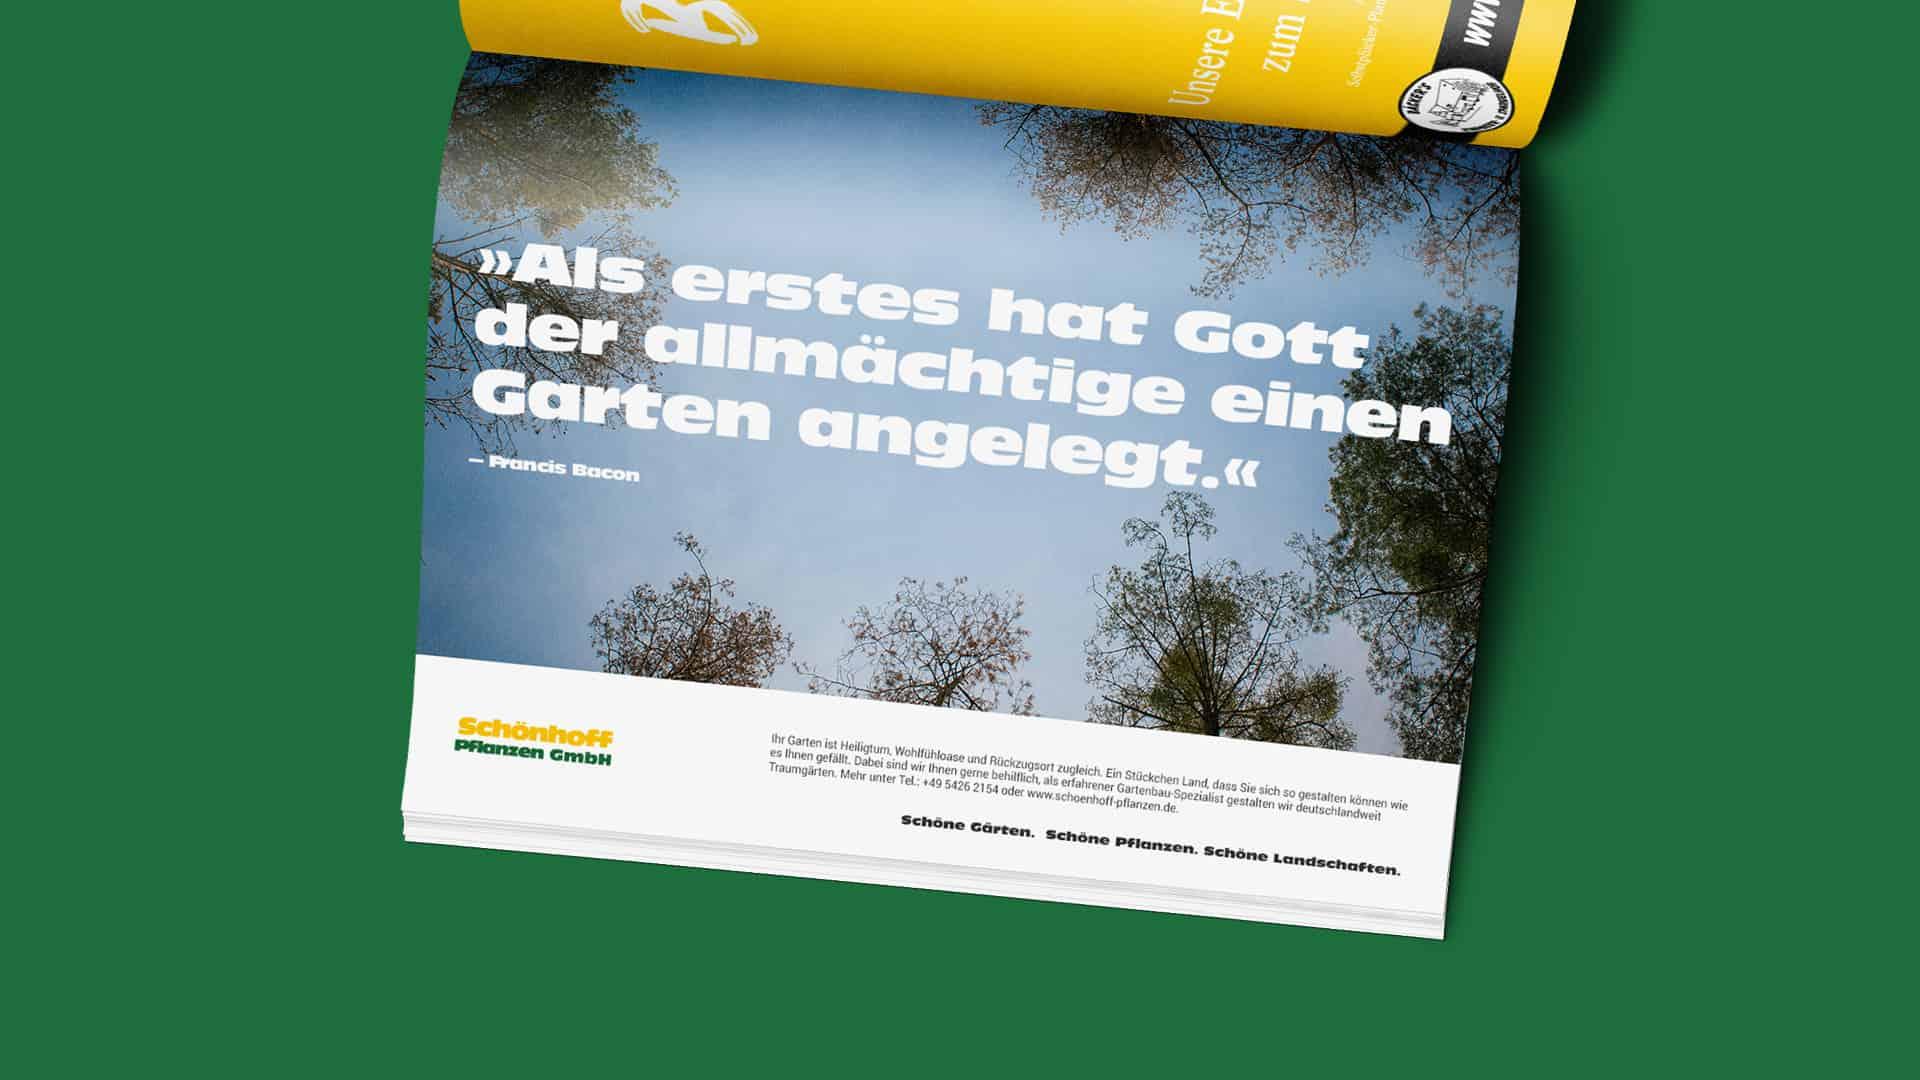 printnzeige_detail-4_schoenhoff_geniacs_werbeagentur_muenster-2